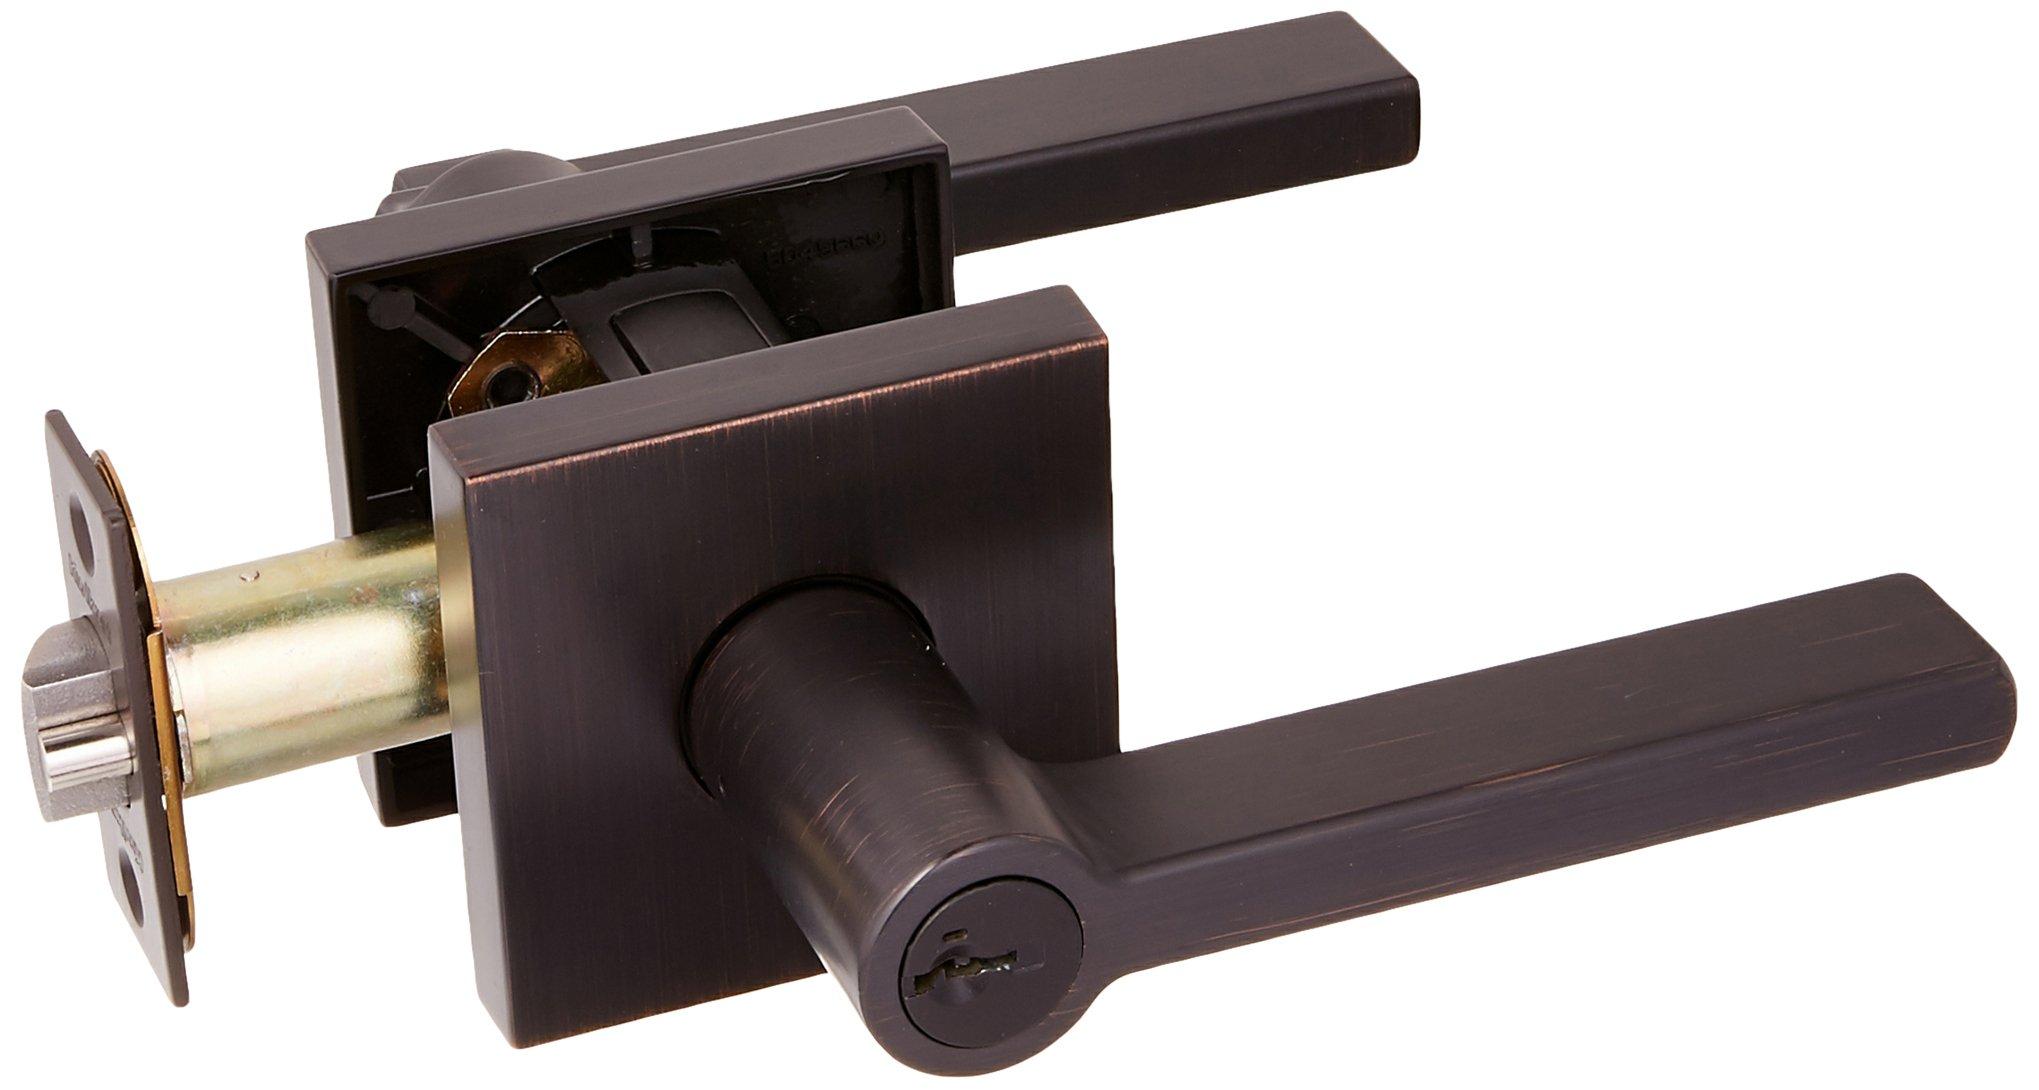 Kwikset 156HFLSQT-11PS Halifax Square Entry Door Lock Smart Key Venetian Bronze Finish